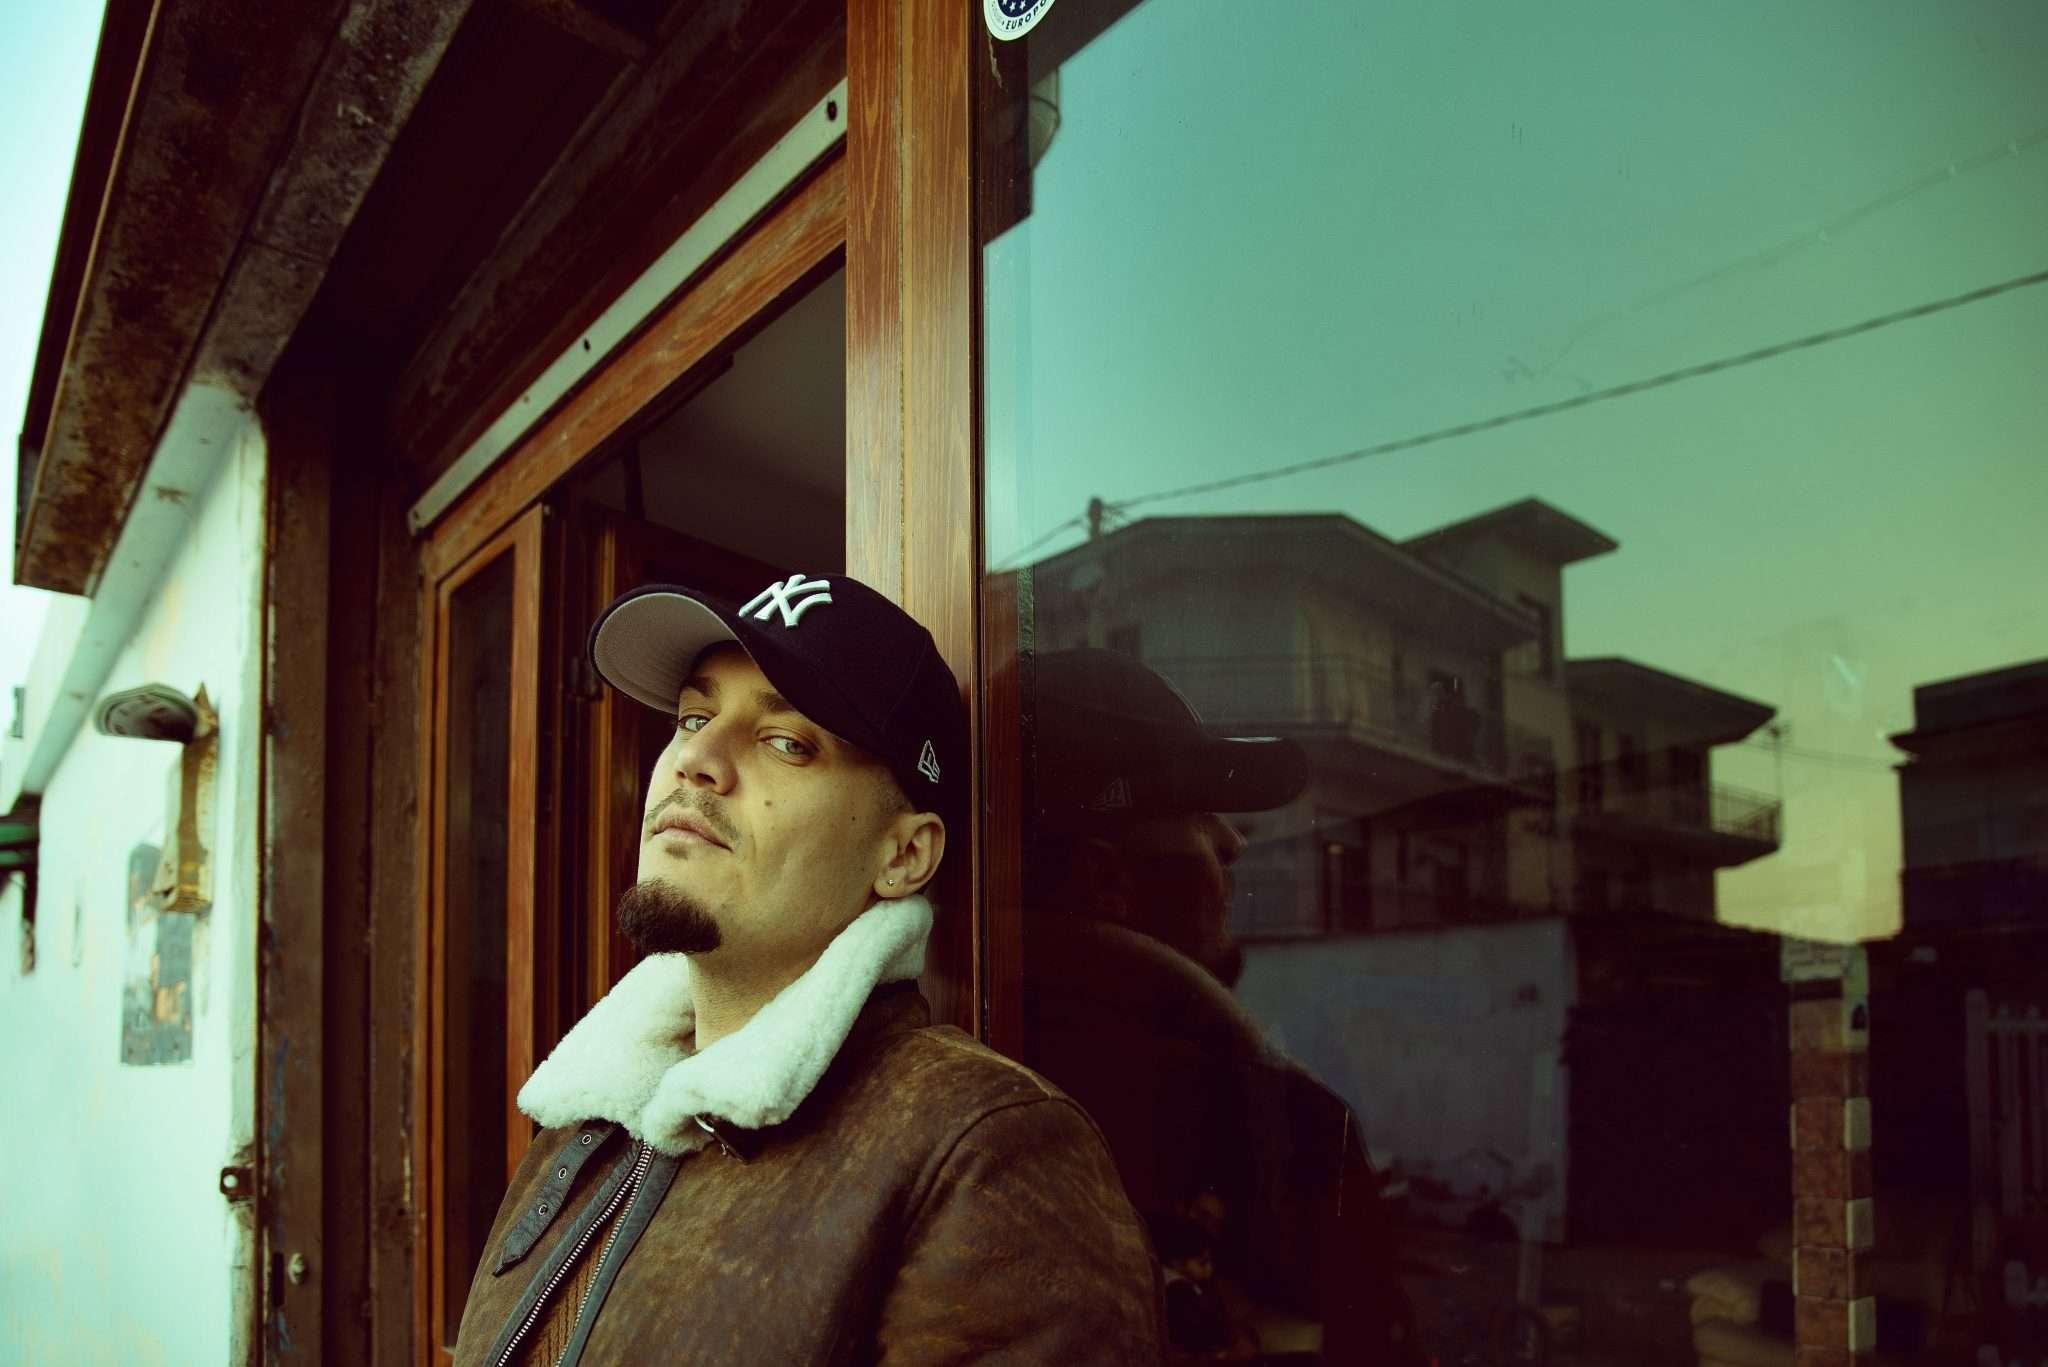 Fotografia portrait musicista rapper nei quartieri di Napoli